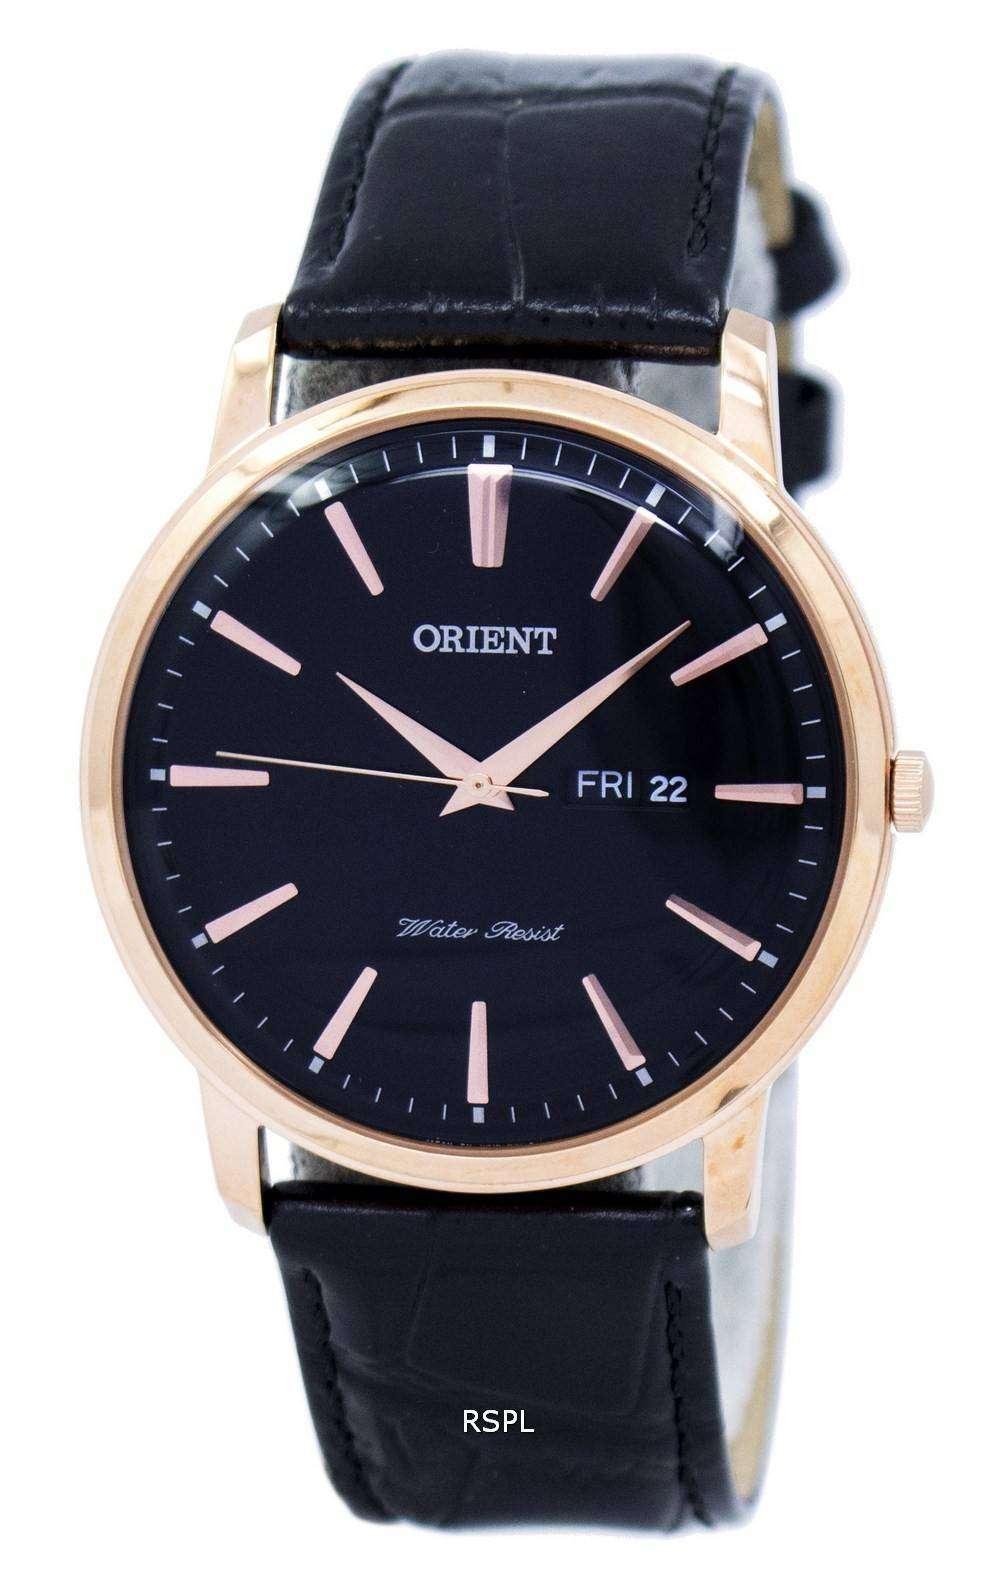 オリエント クォーツ日本製 SUG1R004B6 メンズ腕時計